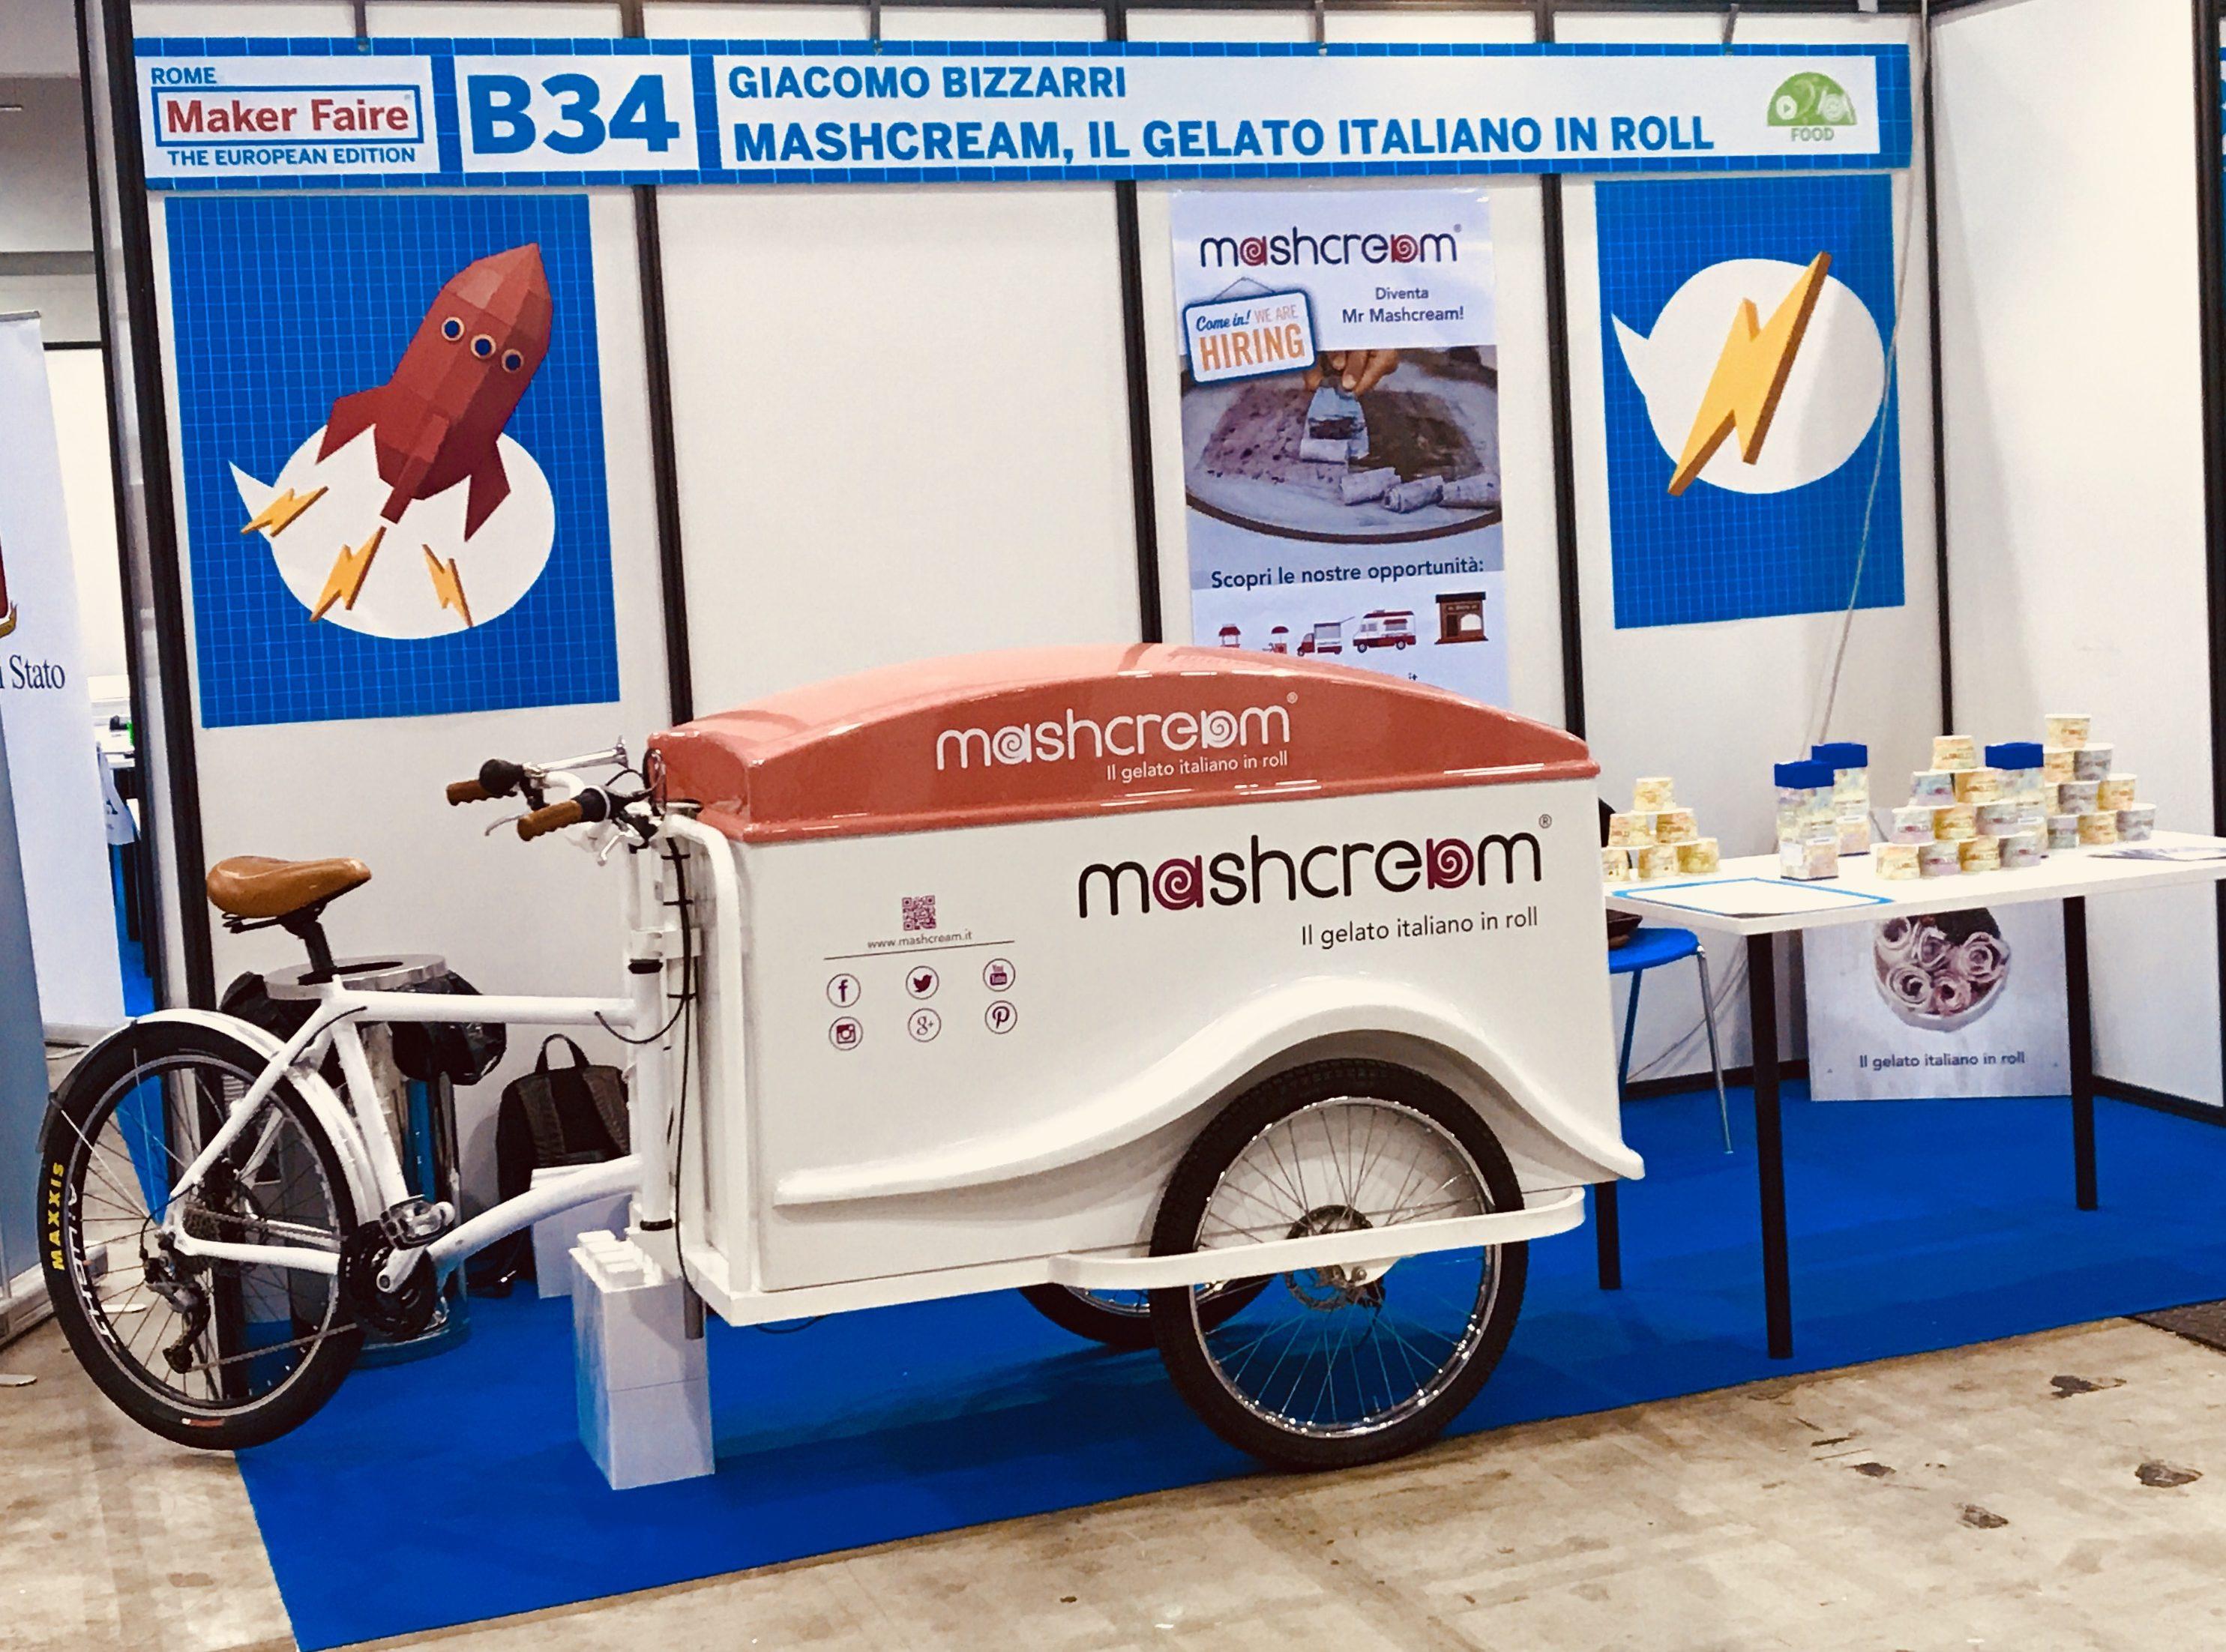 Maker Faire Rome 2017 Mashcream gelato startup innovazione food innovation Fiera Roma